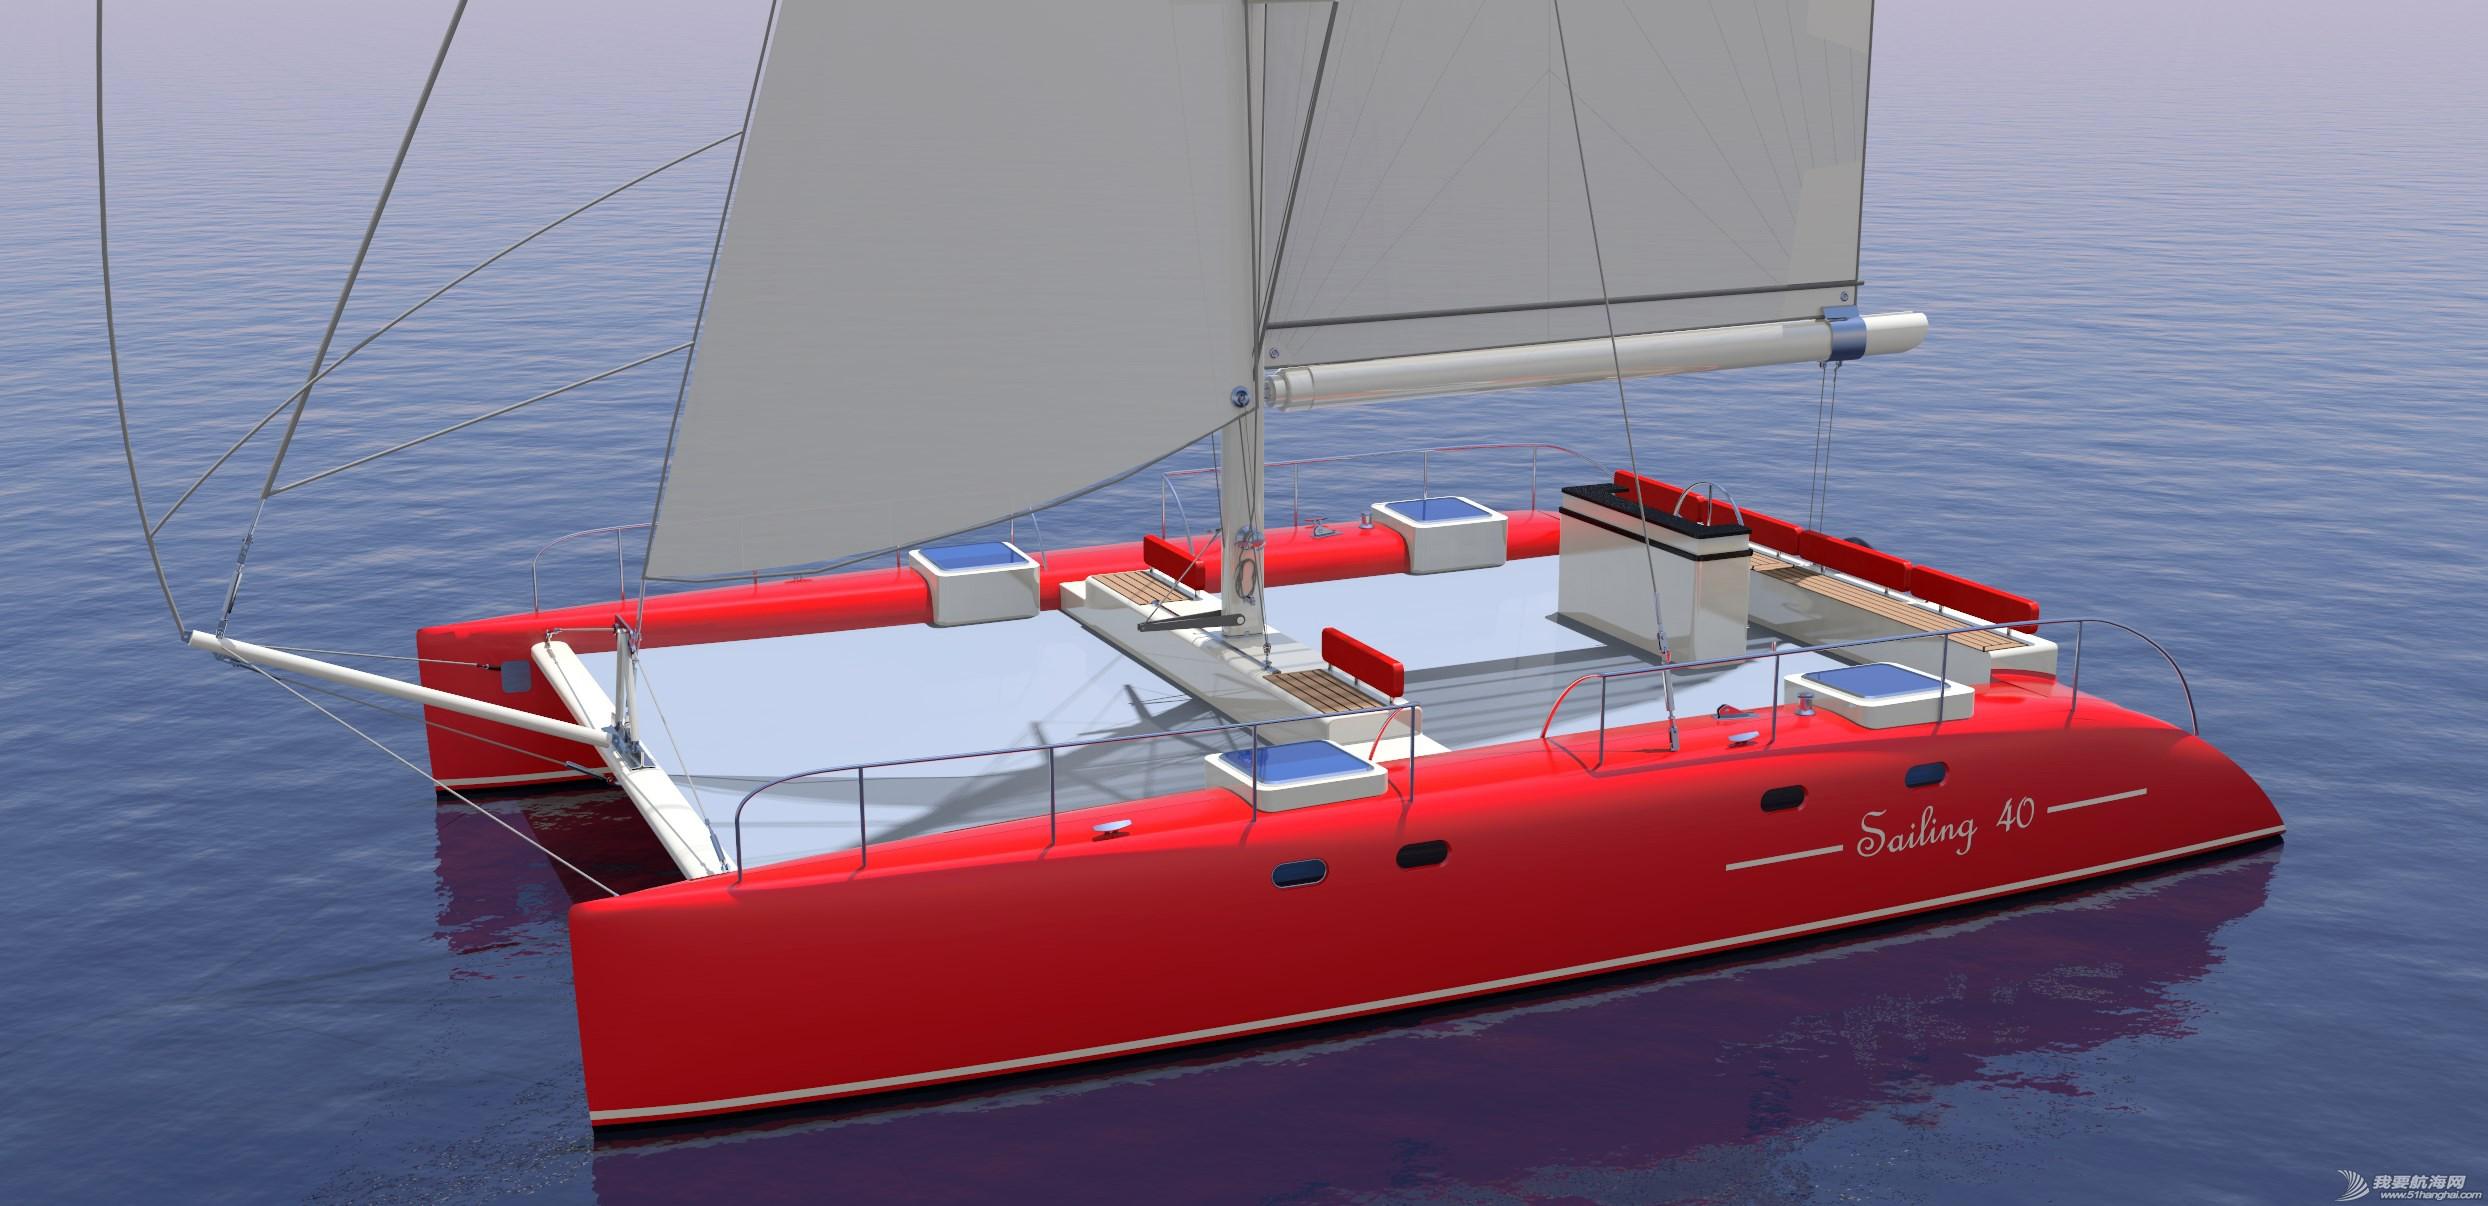 帆船,证书,休闲,英尺,比赛 40英尺双体帆船,比赛休闲两用,法定船检证书和试航证书 宽6点6米,很宽敞 113432gl93hagagh8zzy0a